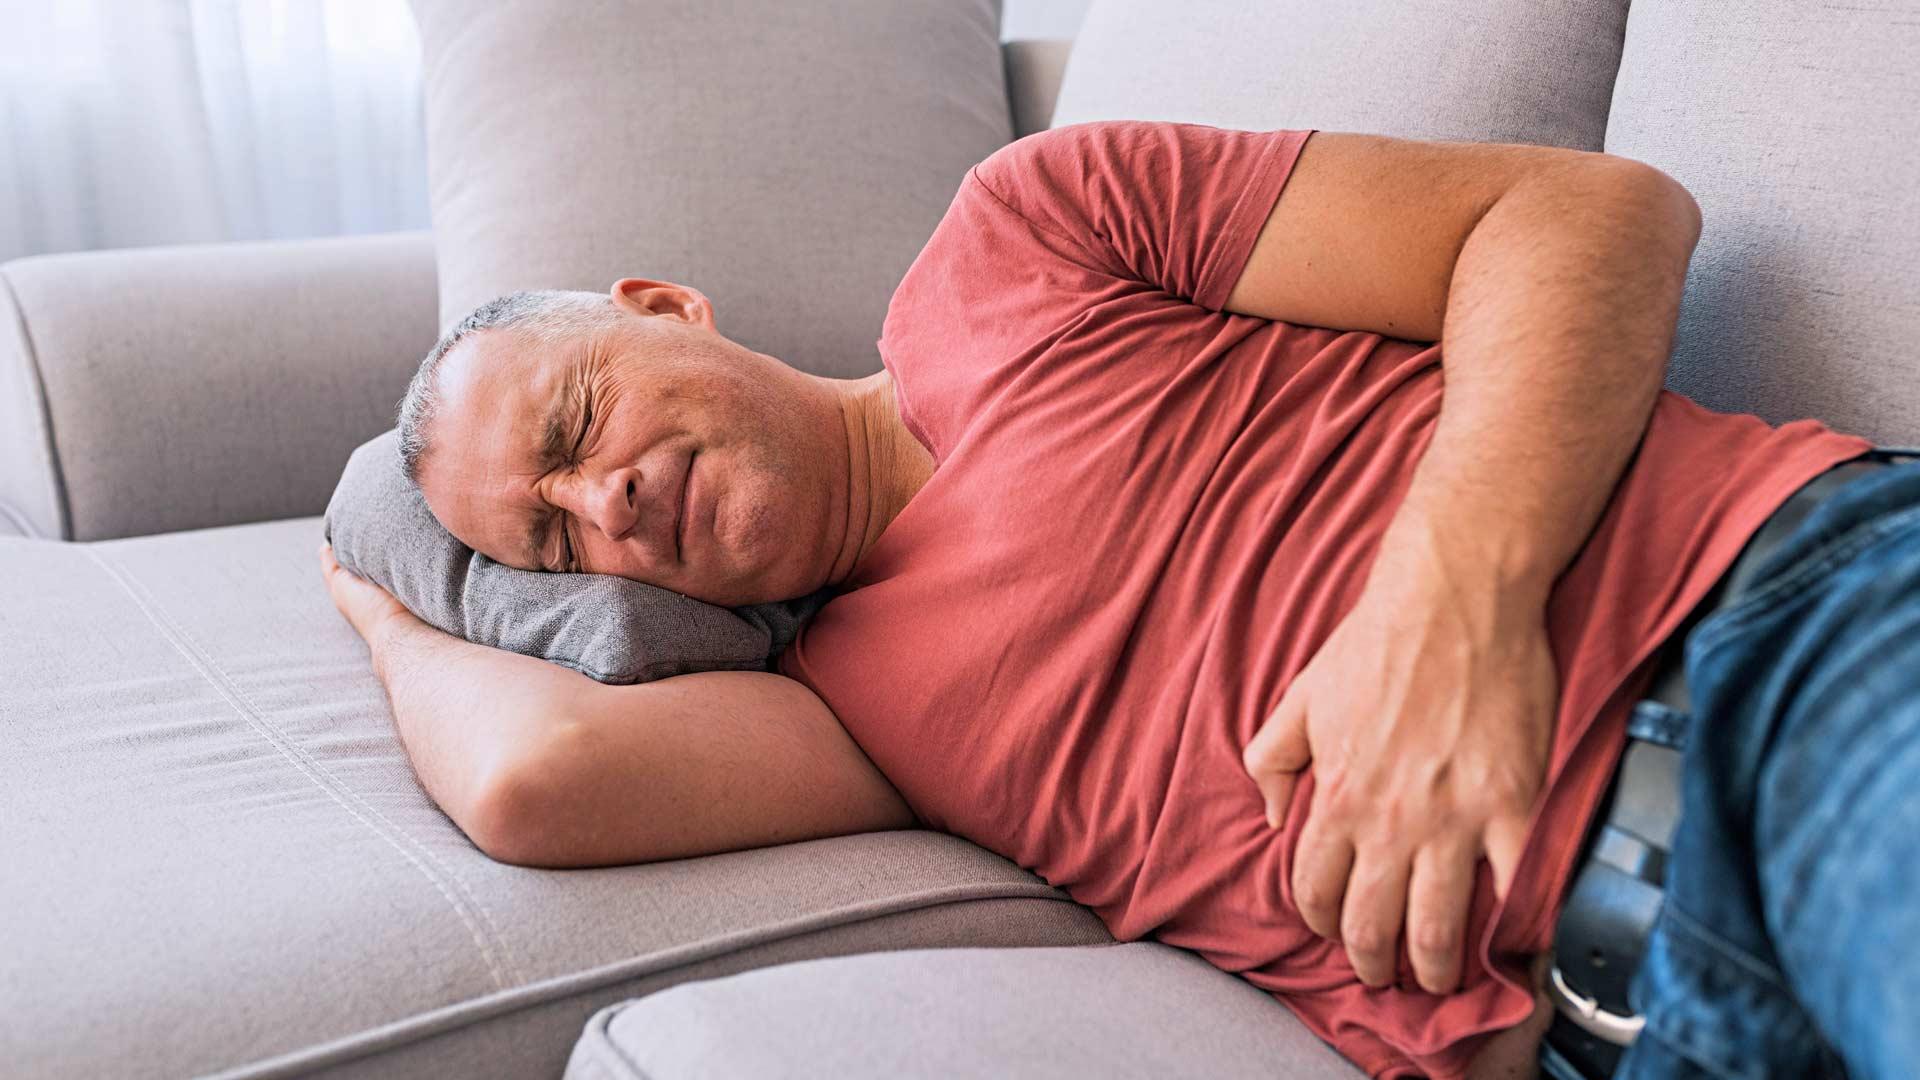 Jos vatsaoireista tulee pysyviä tai ne ilmaantuvat yli 50-vuotiaana yllättäen, on hakeuduttava lääkäriin.